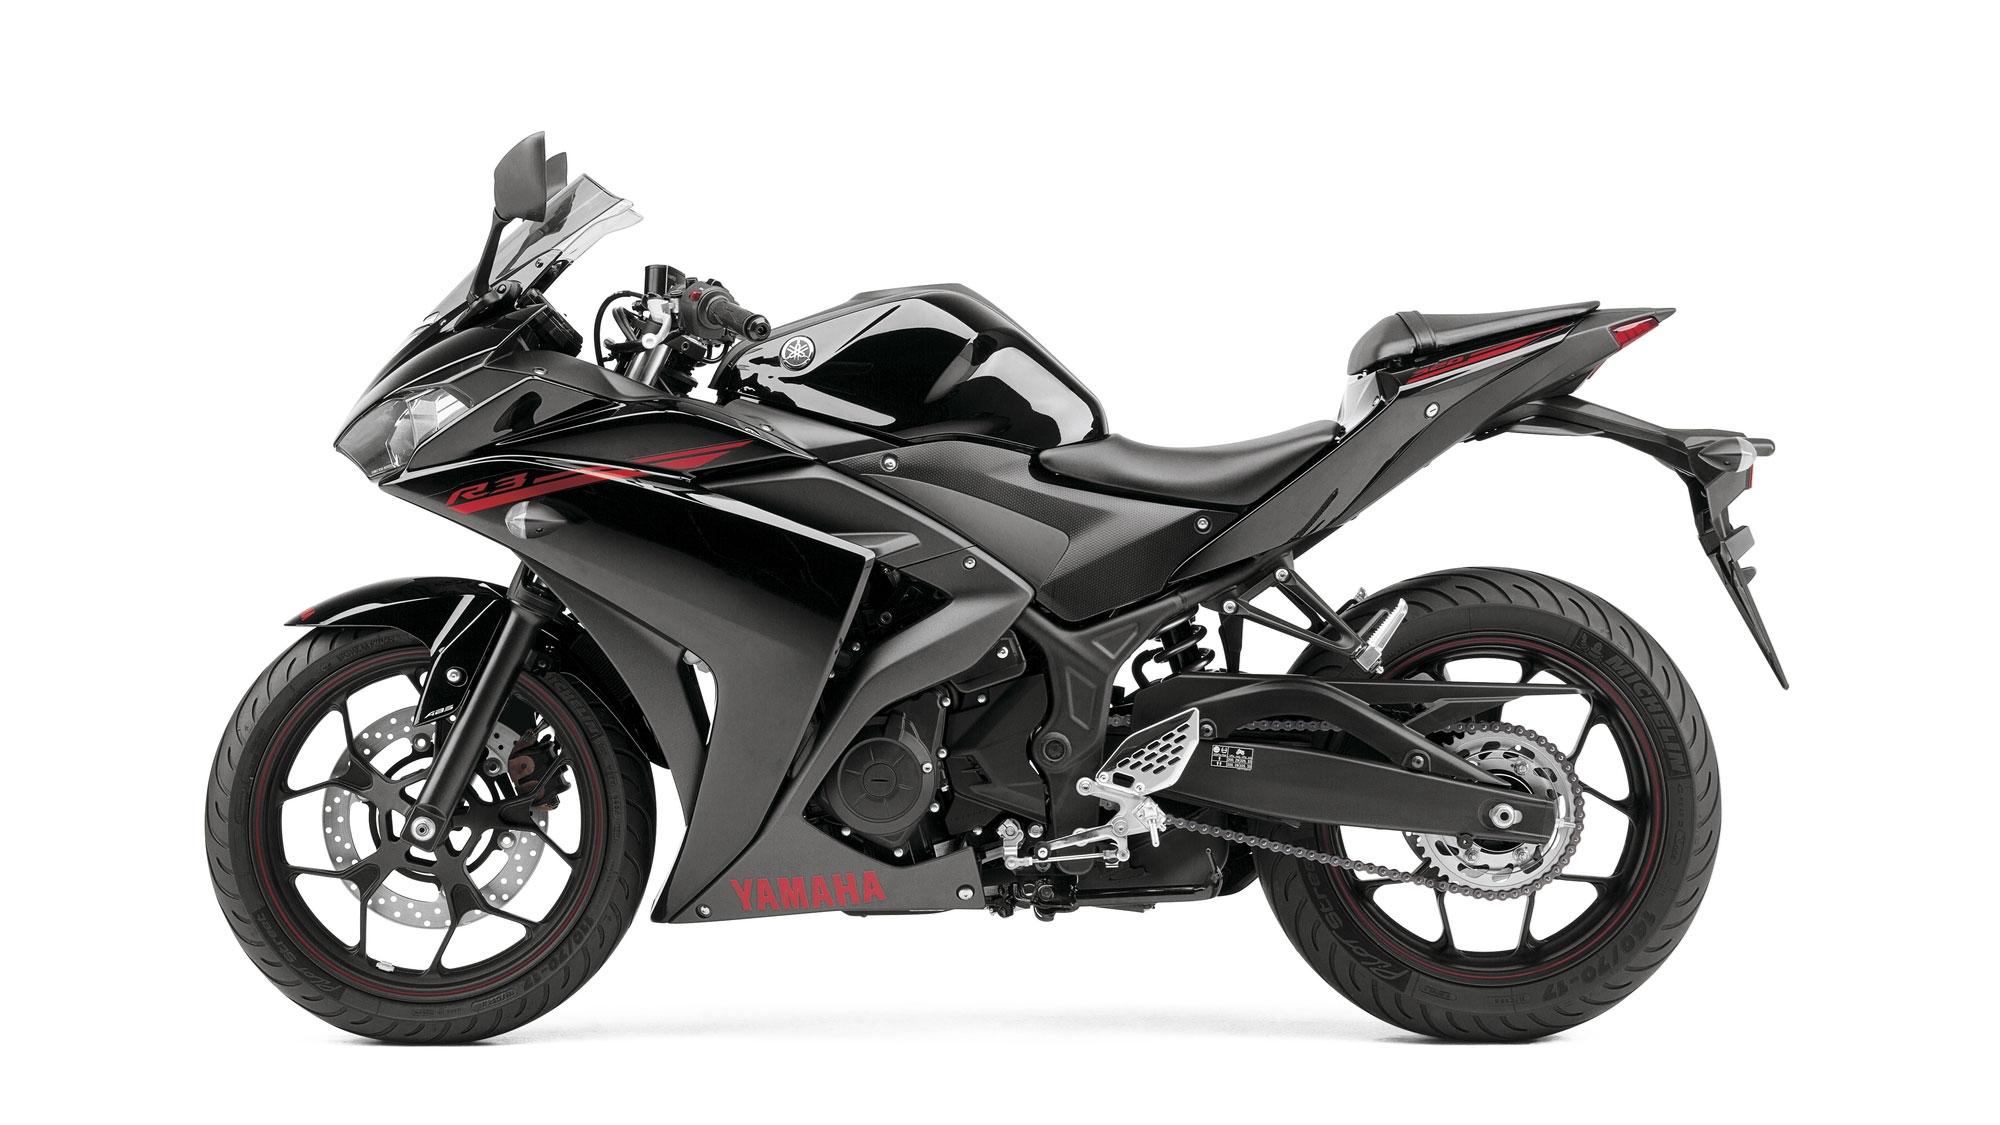 yamaha yzf r3 une nouvelle moto sportive 300 cm pour 2015. Black Bedroom Furniture Sets. Home Design Ideas